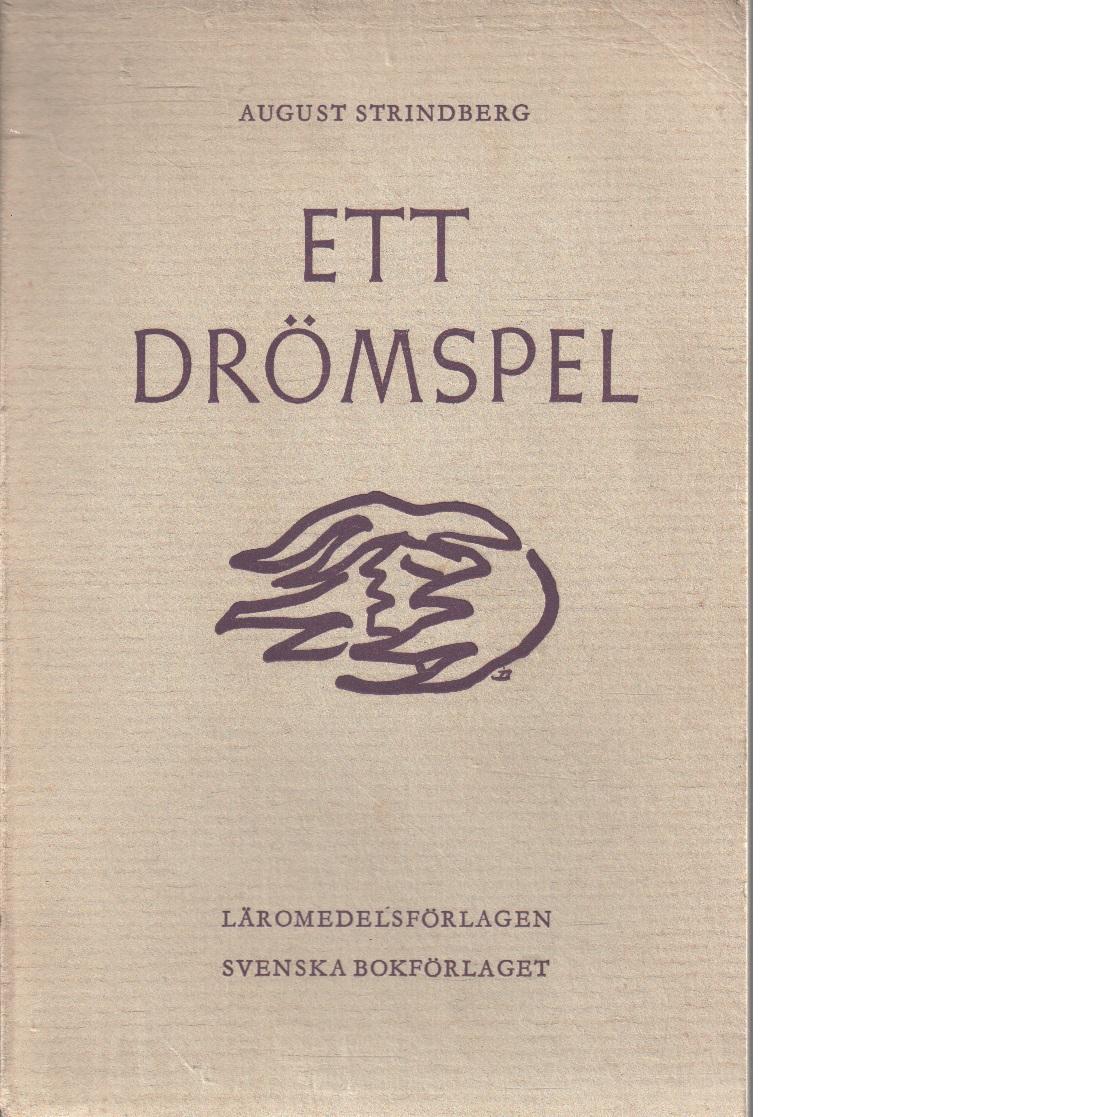 Ett drömspel / med kommentar, studieuppgifter och förklaringar av carl reinhold smedmark - Strindberg, August